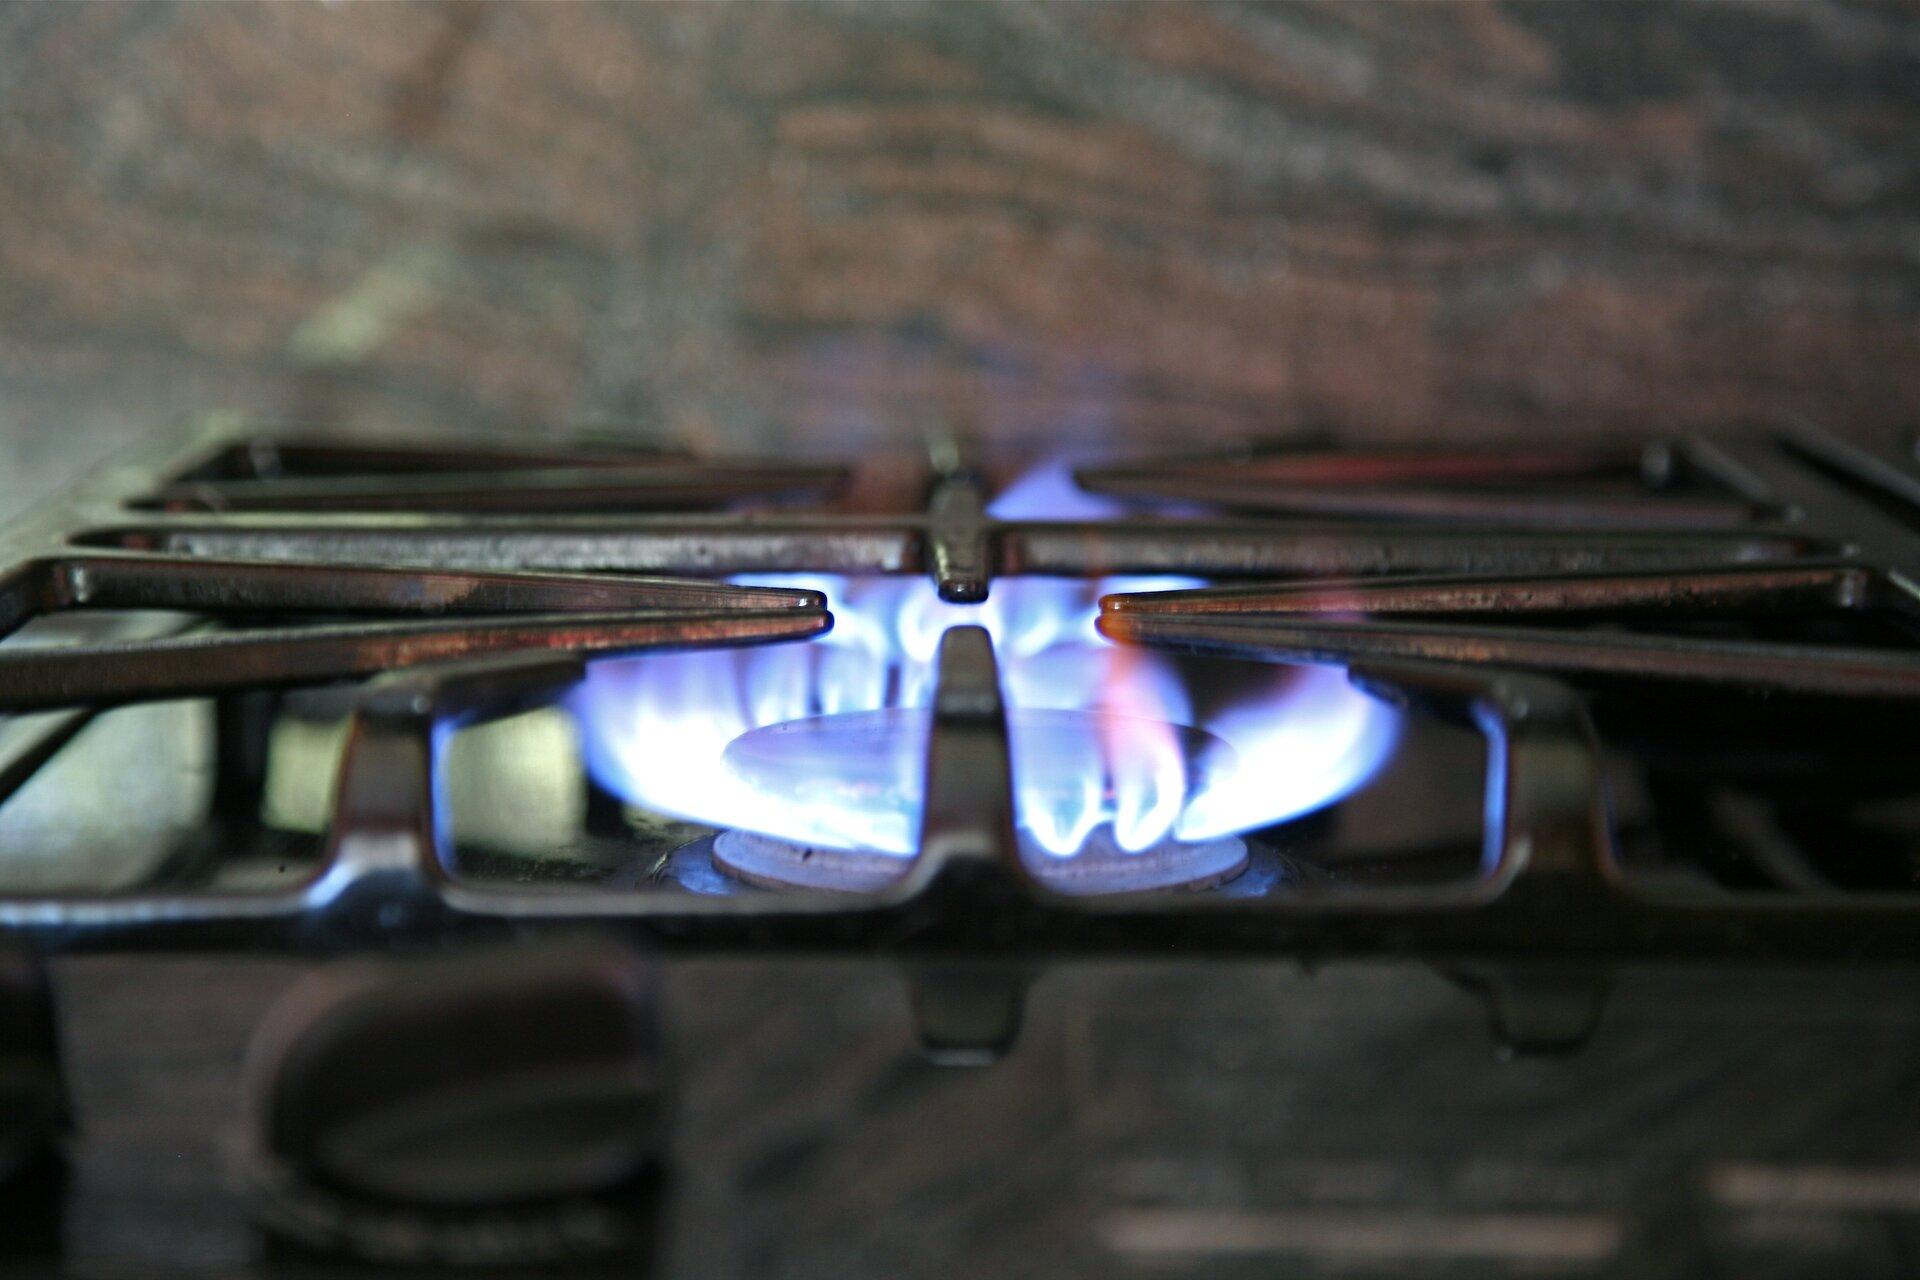 Kolorowe zdjęcie przedstawia zapalony palnik gazowy na piecu kuchennym. Wokół palnika wkształcie koła niebiesko-białe płomienie palącego się gazu. Nad palnikiem czarny, żelazny ruszt.